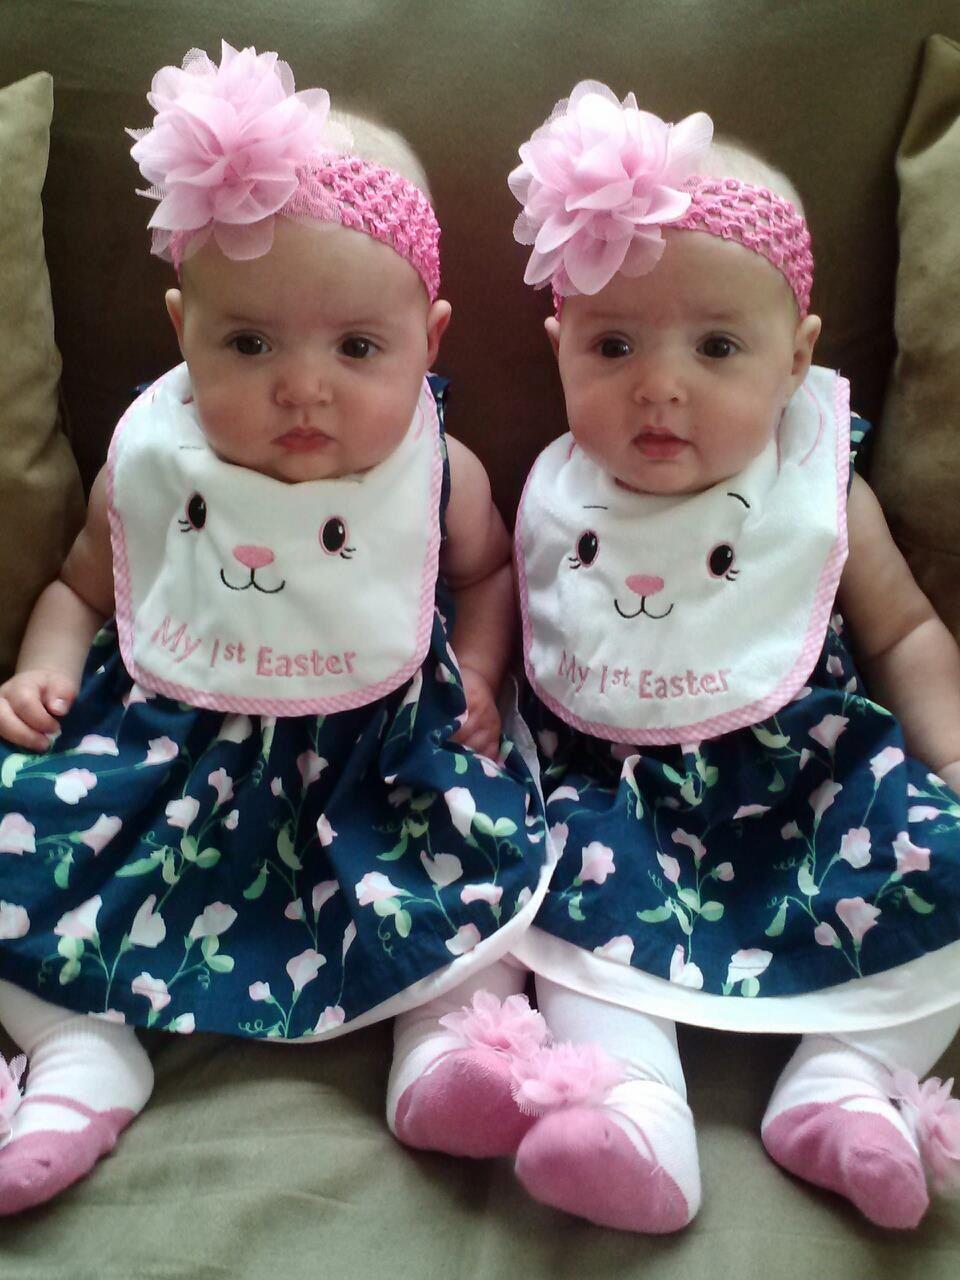 Identical Twins R & R @ 5 mos | Identical Twins | Pinterest